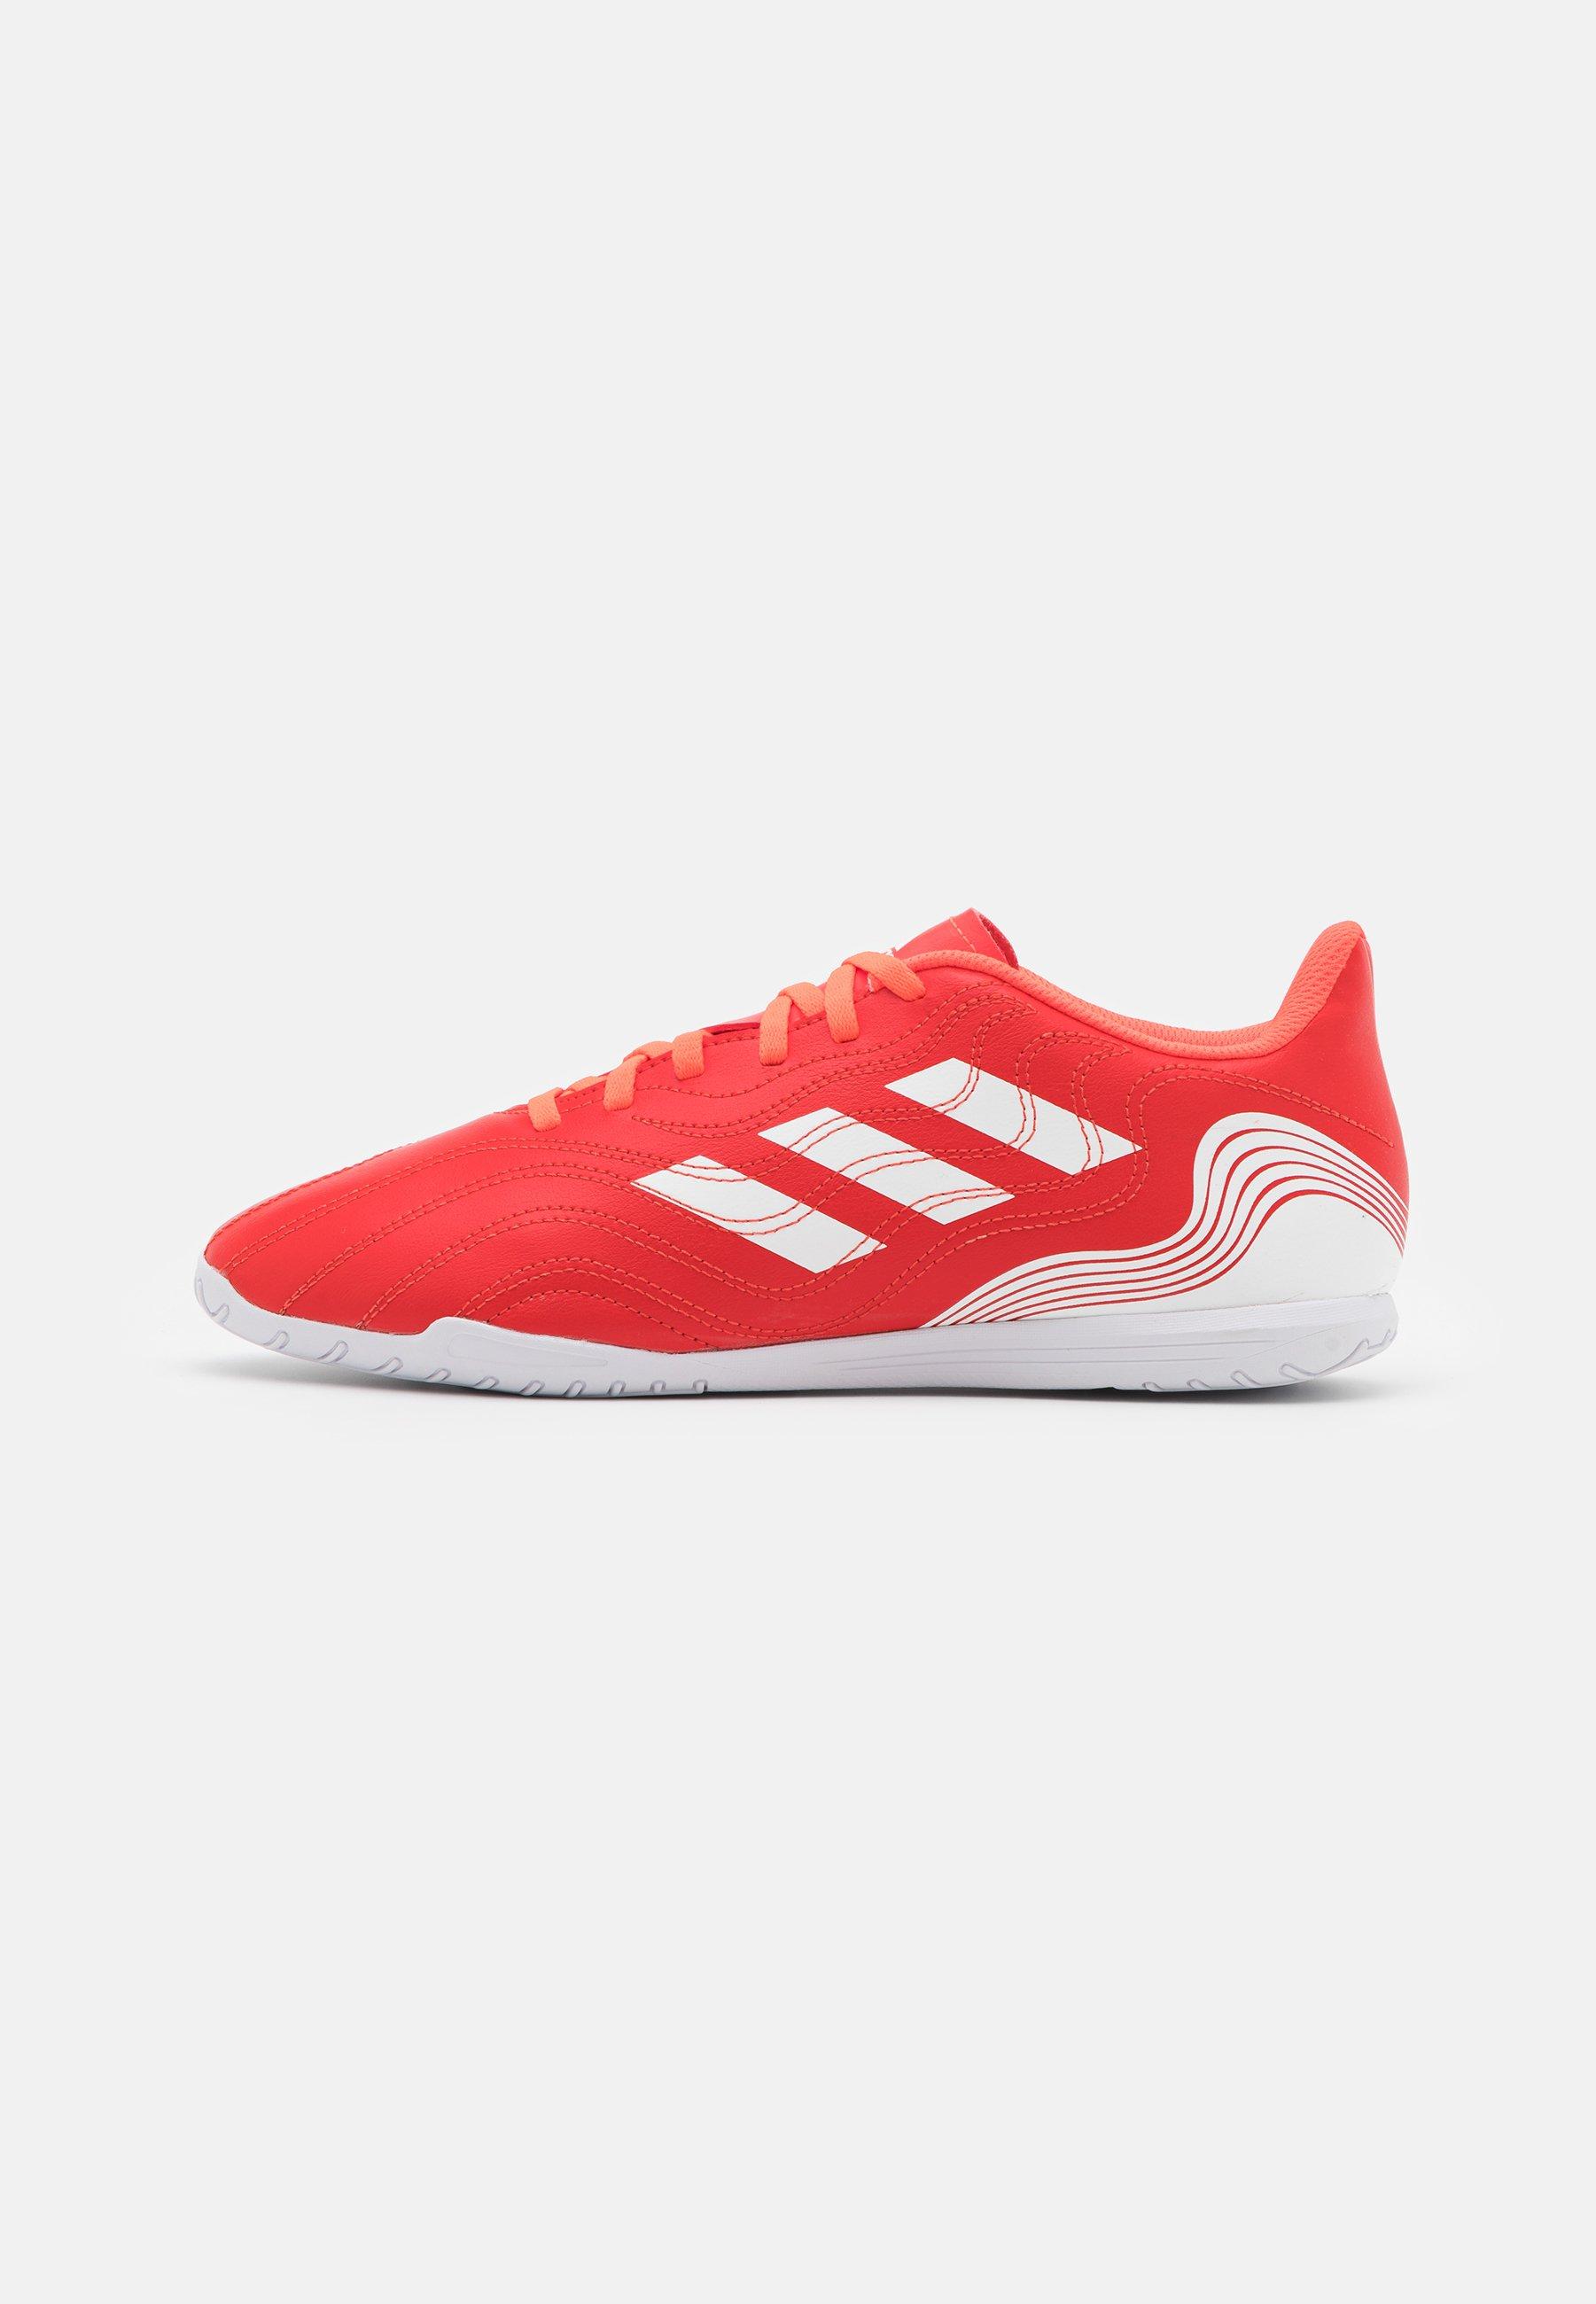 Men COPA SENSE.4 - Indoor football boots